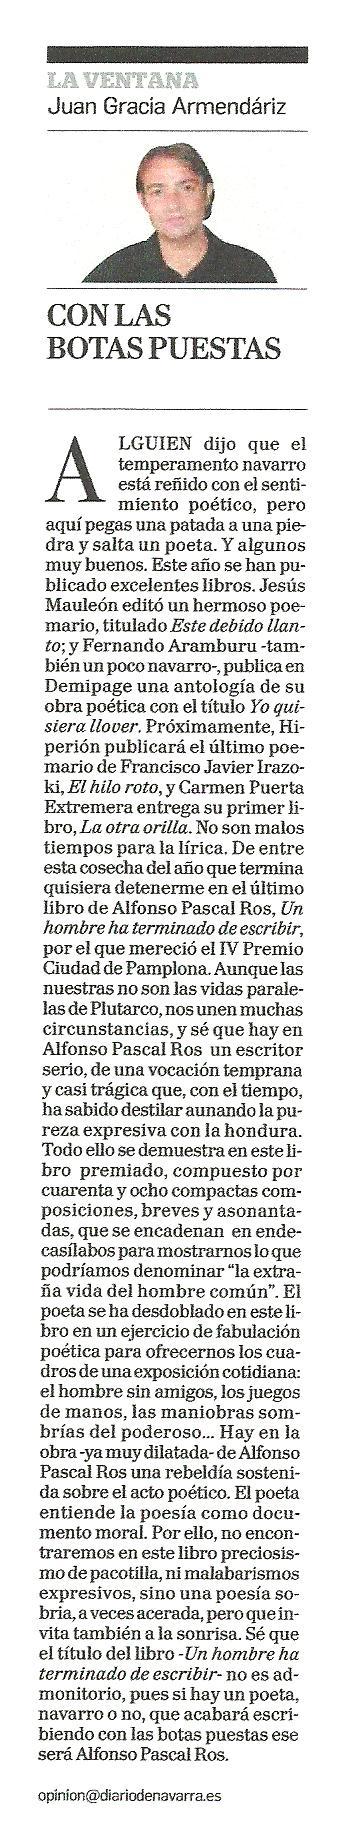 """DIARIO DE NAVARRA: """"Con las botas puestas"""", por Juan Gracia Armendáriz."""